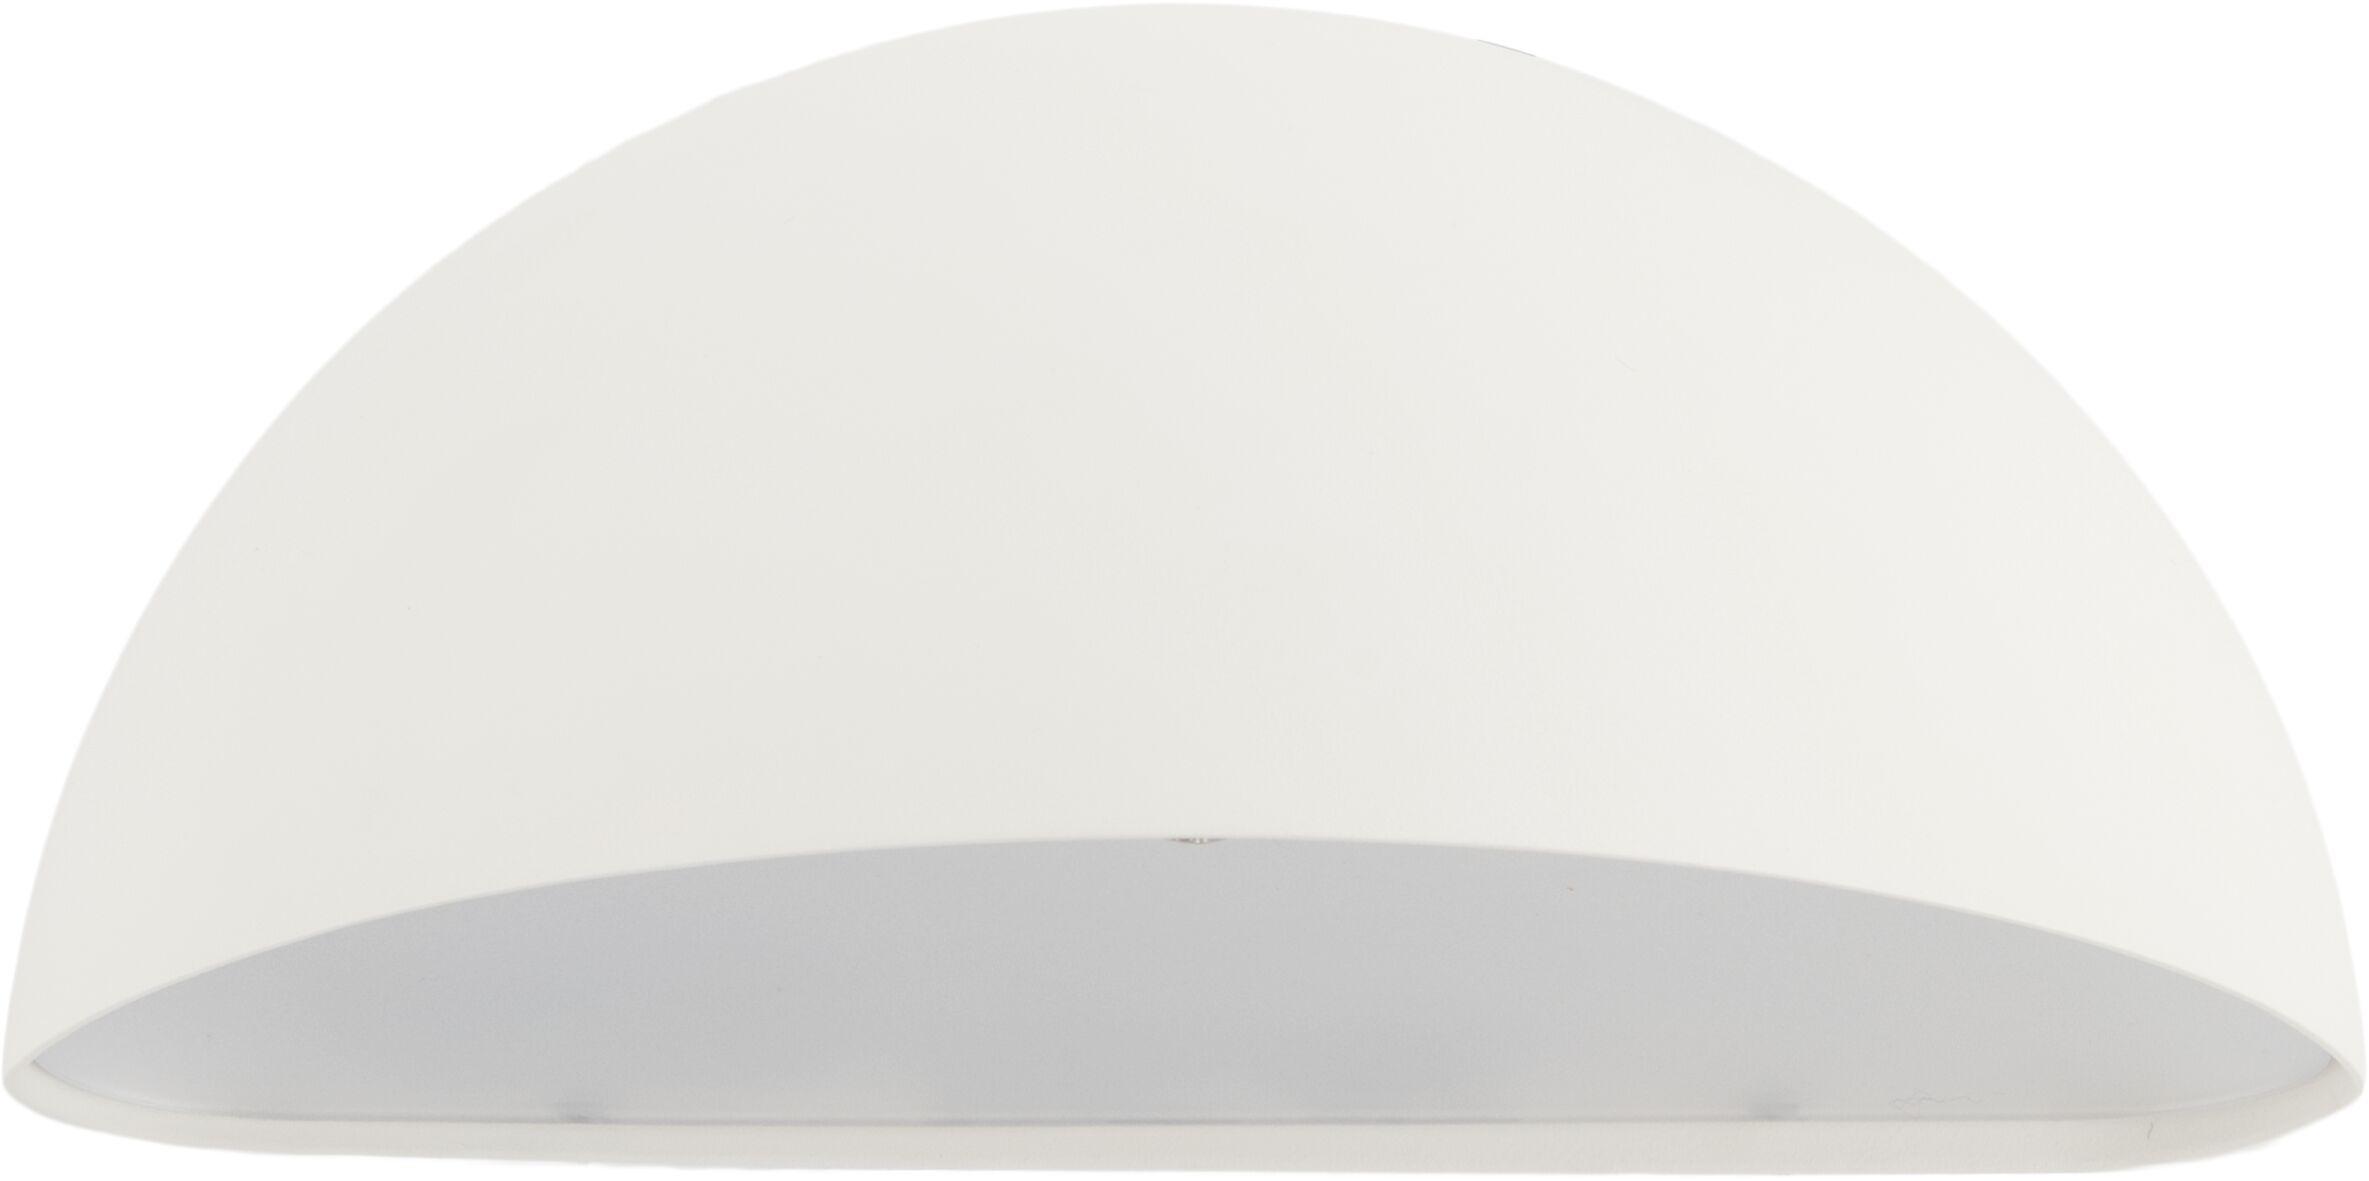 Kinkiet PARIS 5038 WHITE LED - Norlys  Sprawdź kupony i rabaty w koszyku  Zamów tel  533-810-034